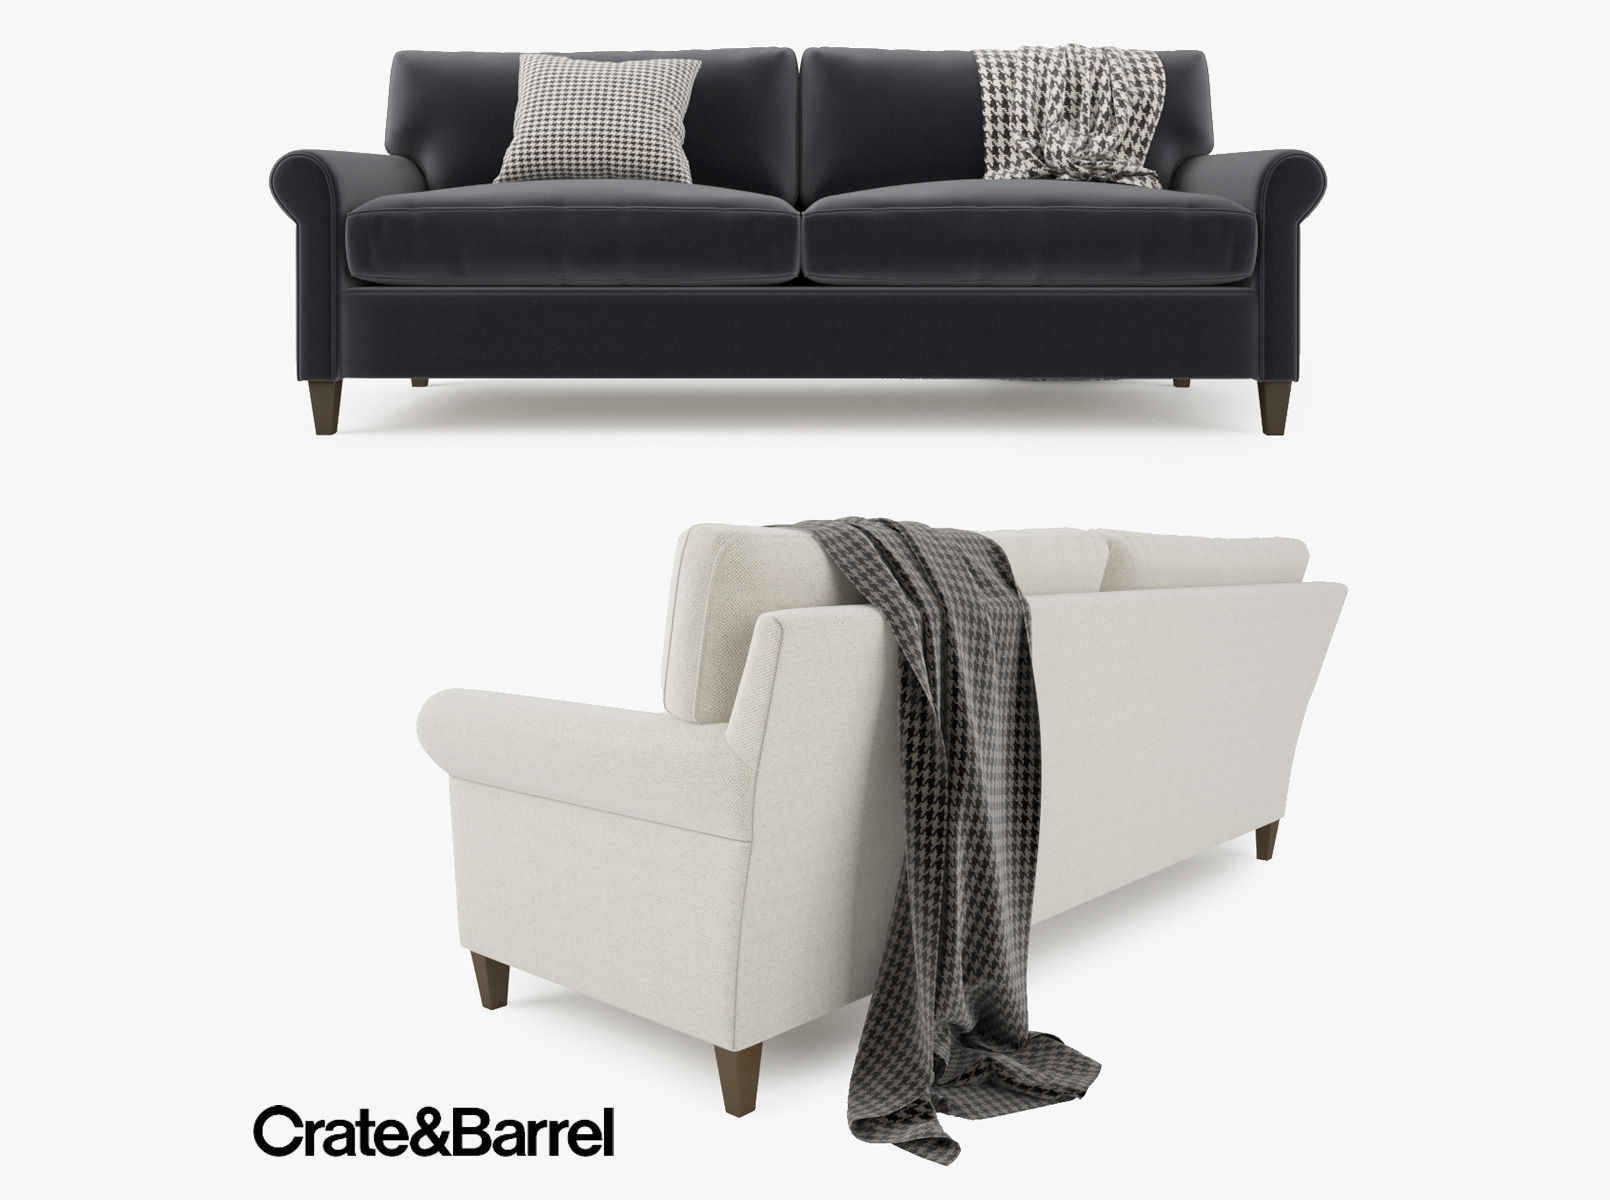 Crate And Barrel Montclair 2 Seat Sofa 3d Model Max Obj Fbx Mtl 1 ...